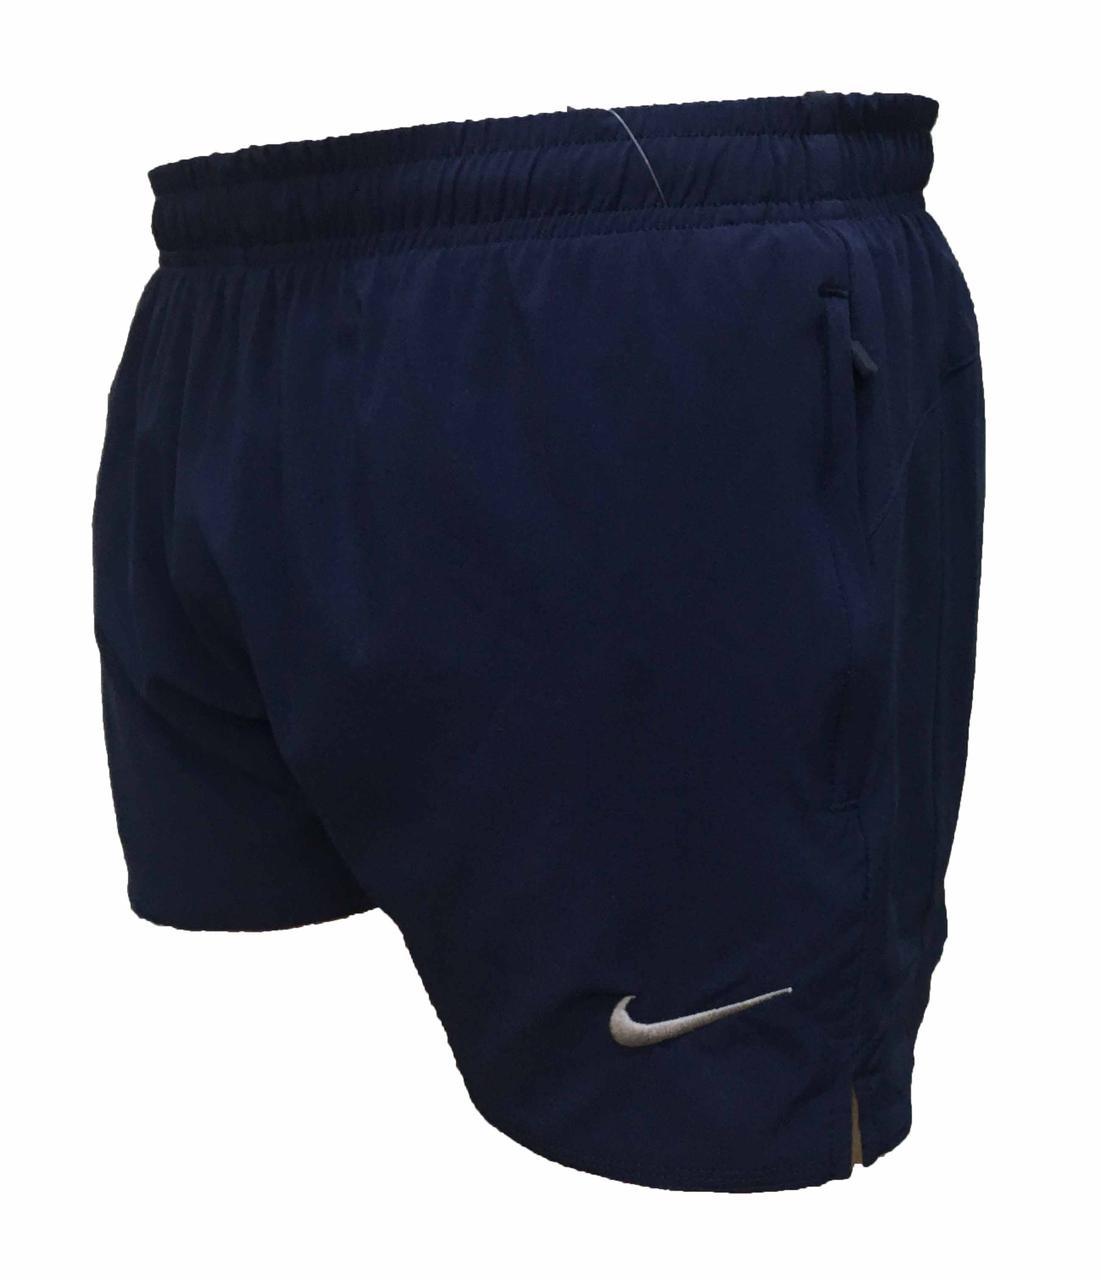 Мужские короткие синие шорты плащевка стрейч 48 размер (Реплика)